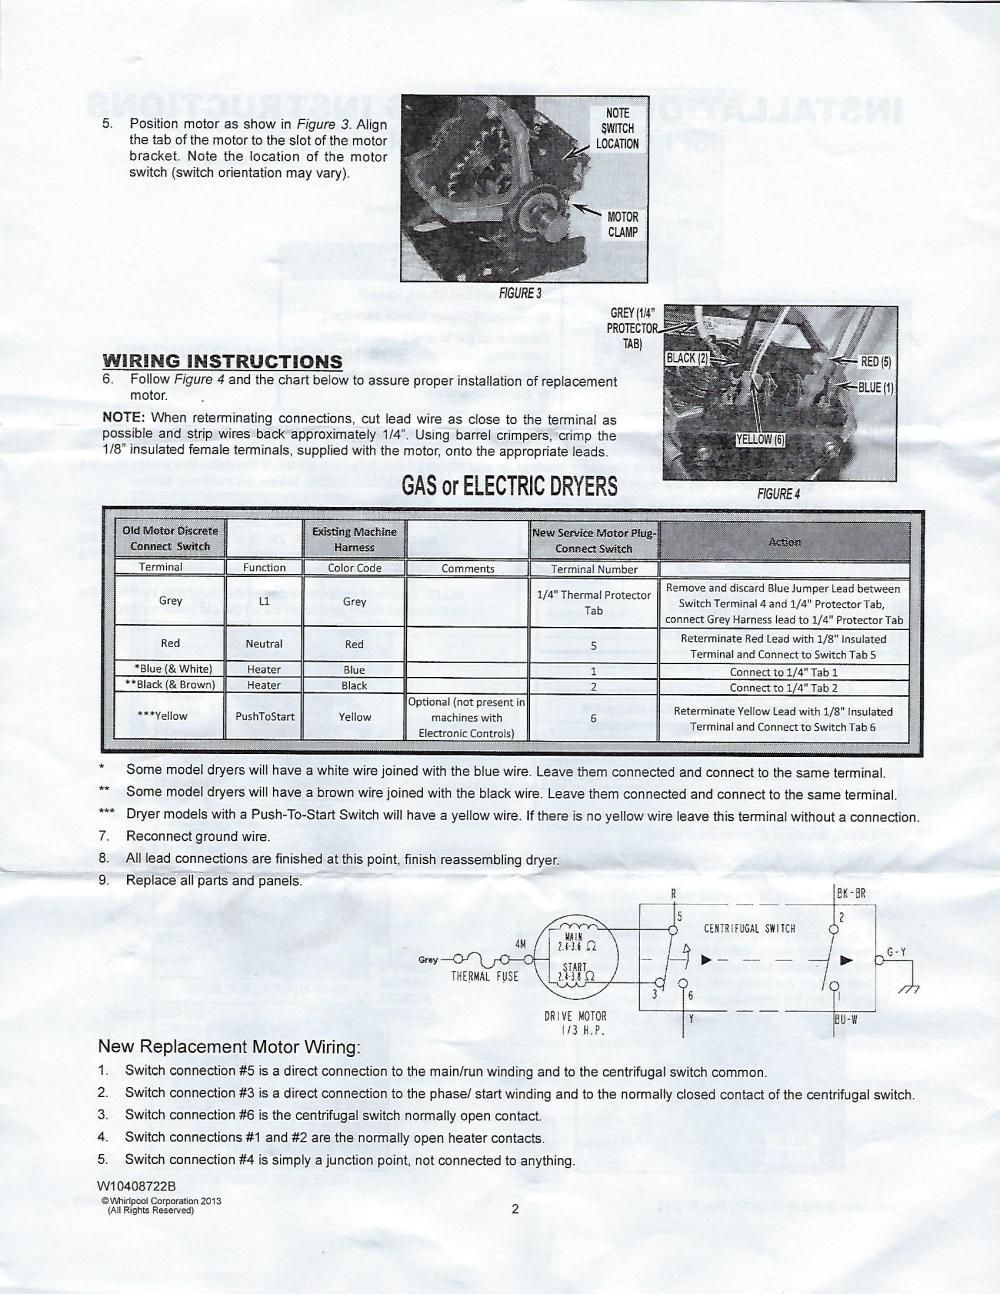 medium resolution of maytag dryer motor replacement w10410999 y303836 y312959 maytag dryer motor wiring diagram maytag dryer motor replacement